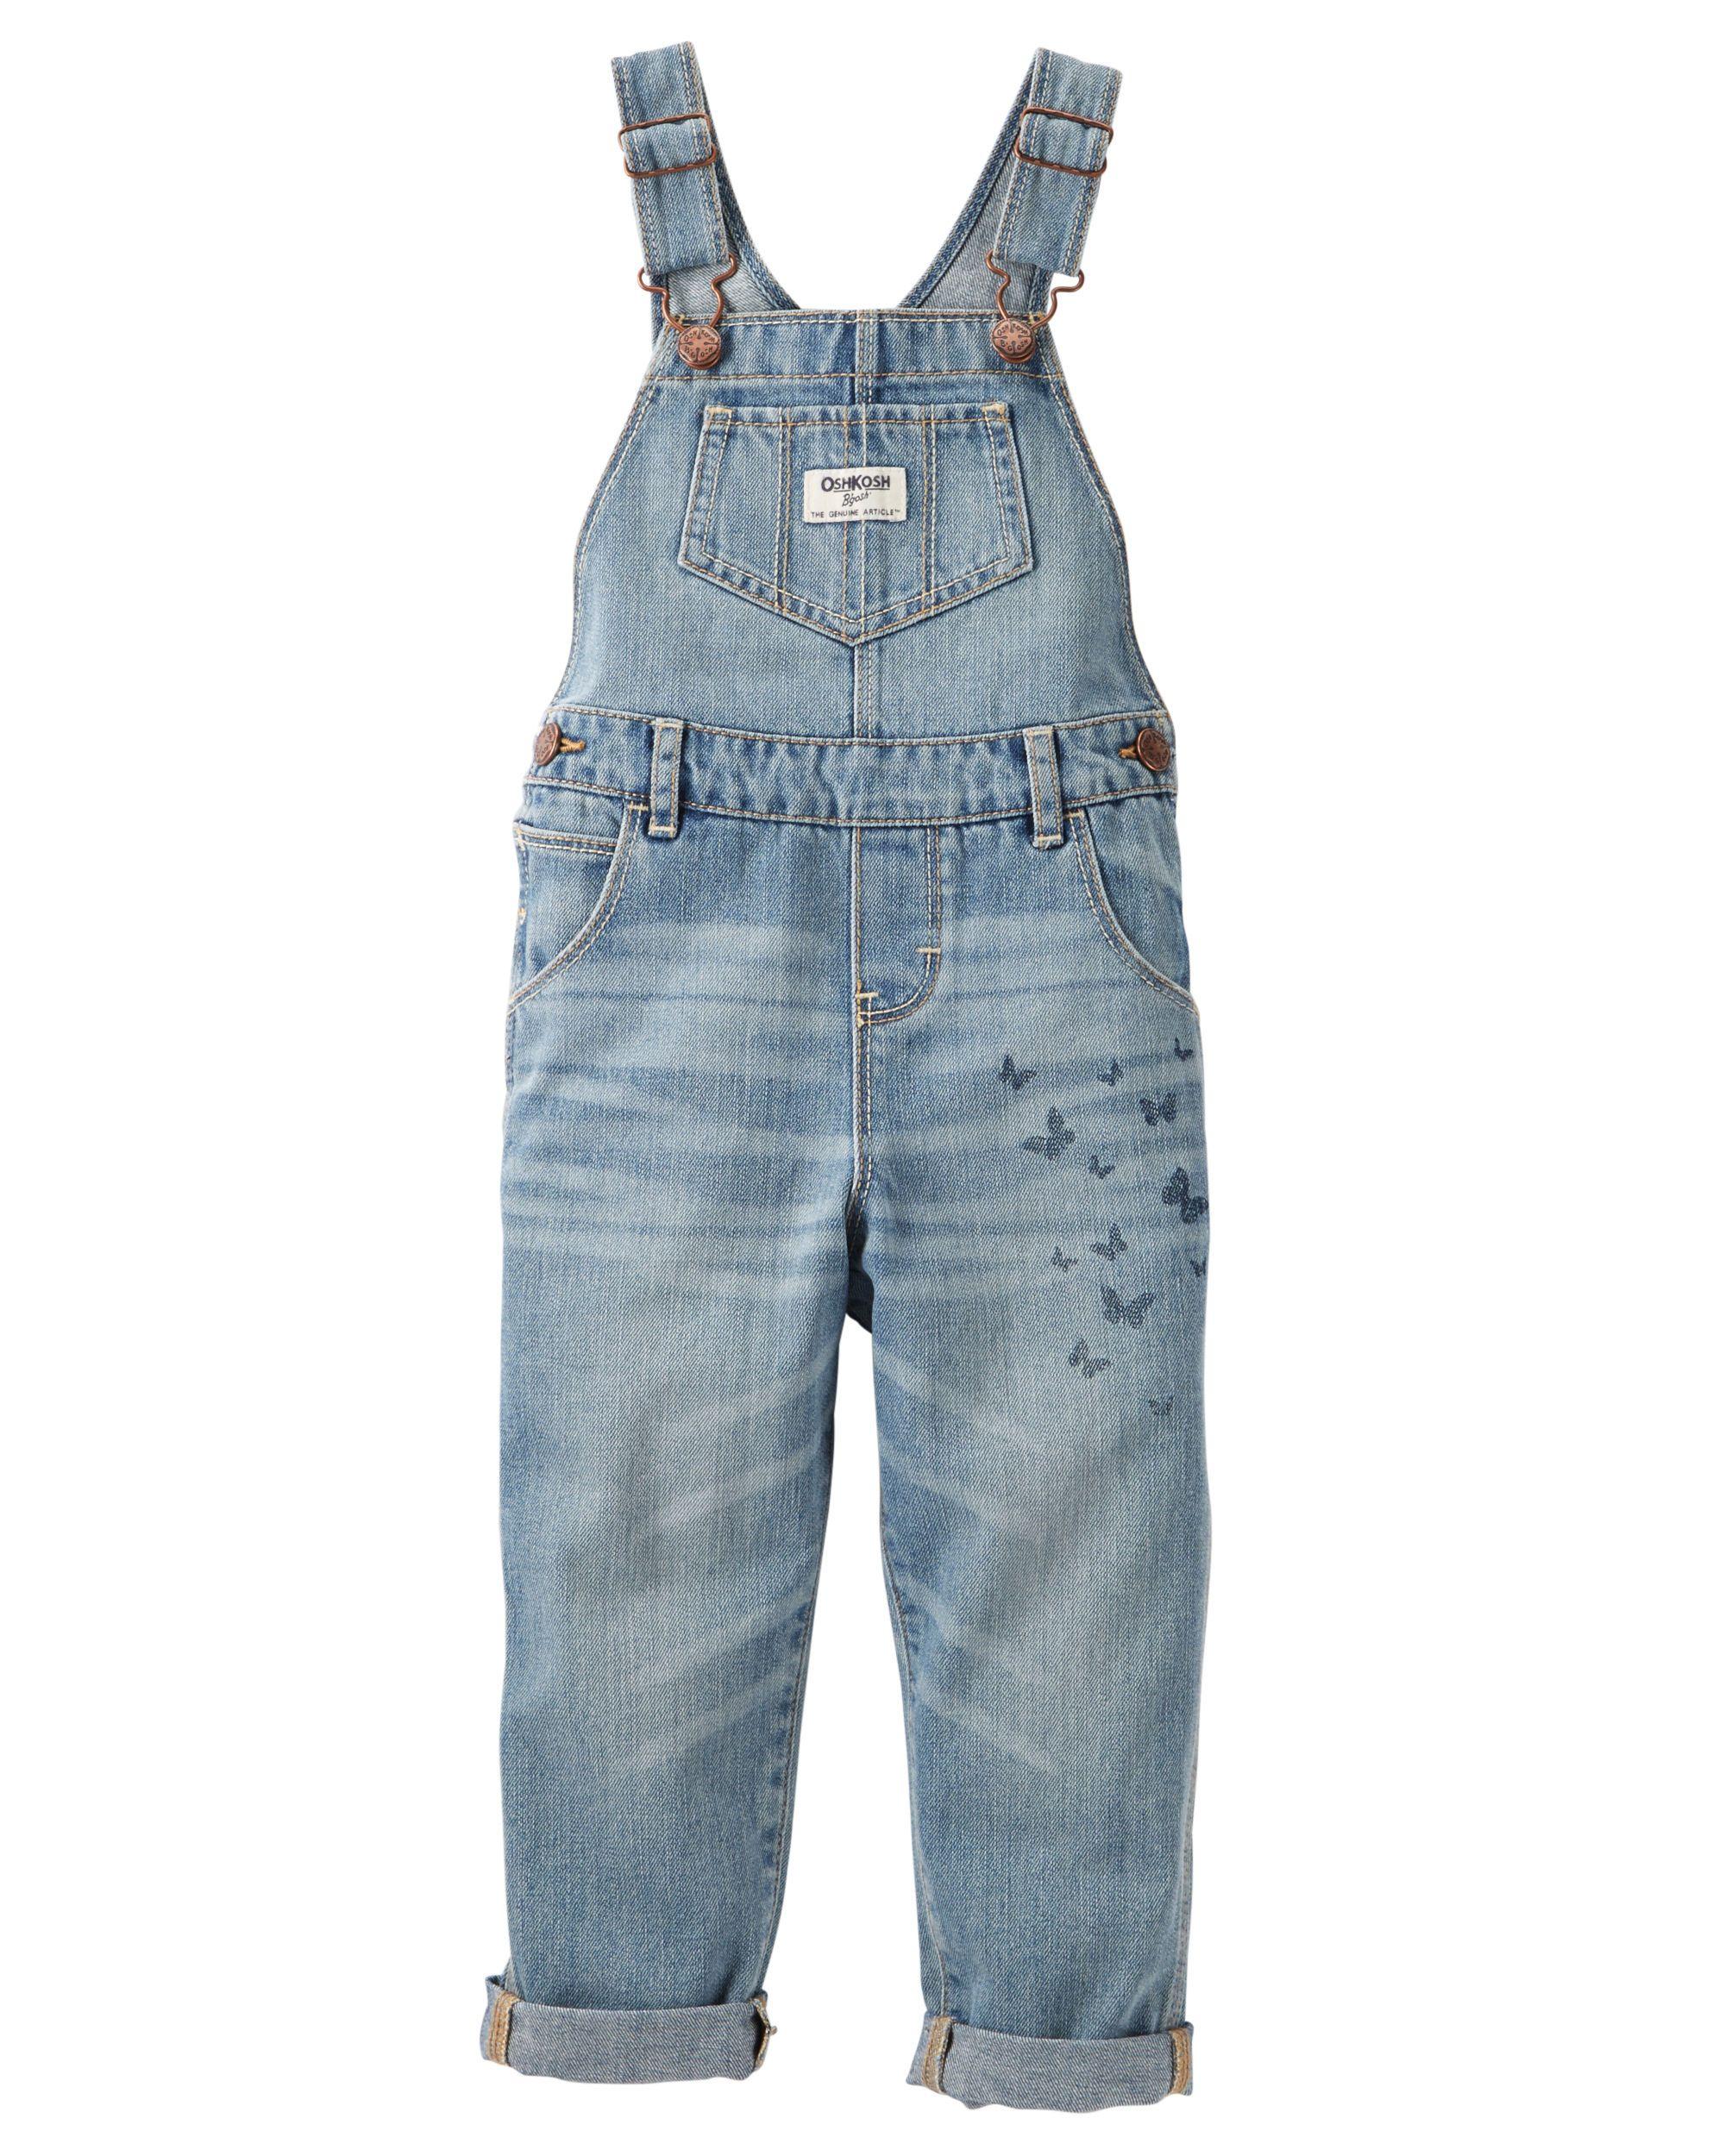 33c92ee965e4 Denim Overalls - Newquay Wash